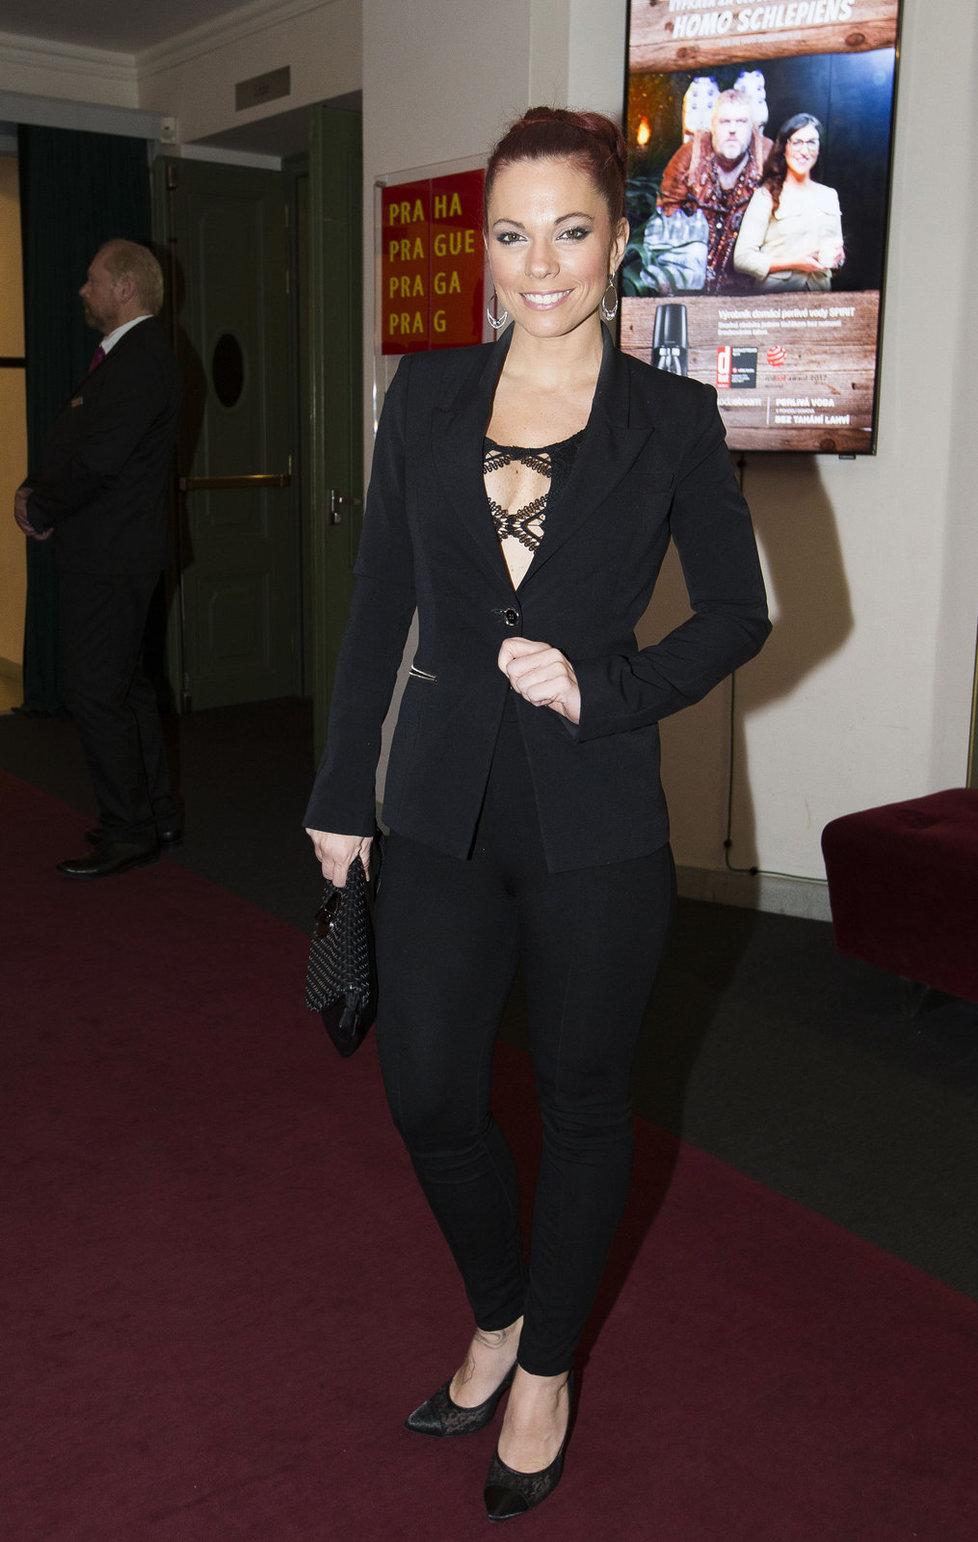 Michaela Nosková v černém outfitu.